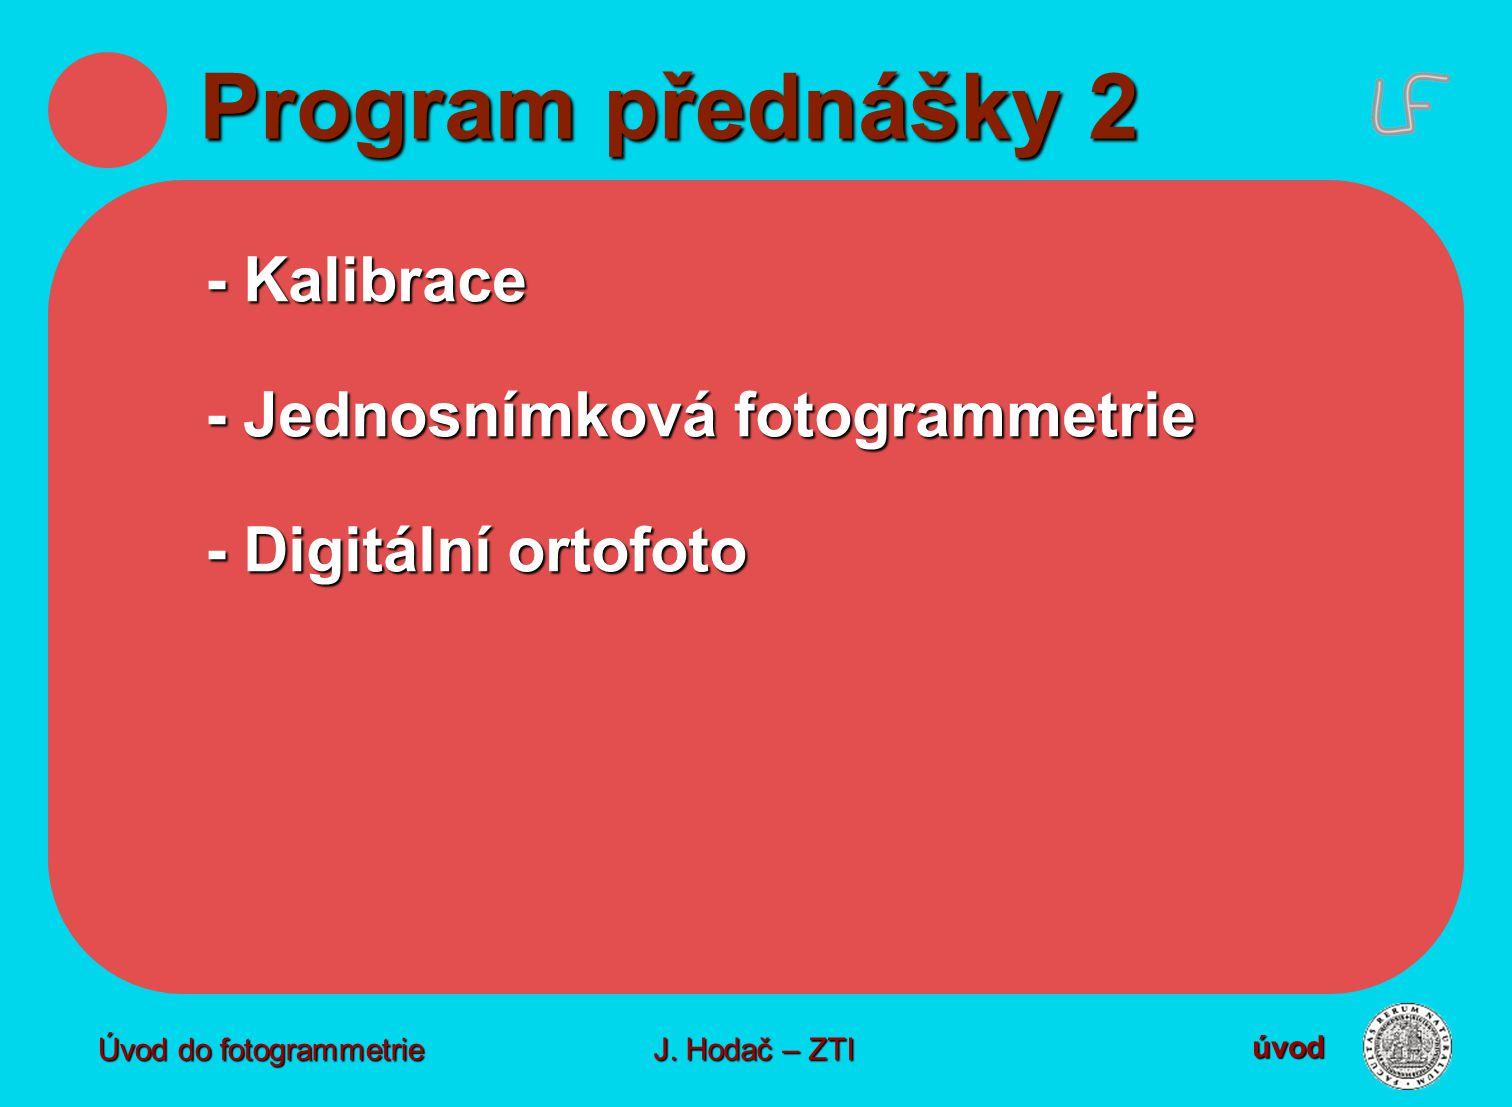 Program přednášky 2 - Kalibrace - Jednosnímková fotogrammetrie - Digitální ortofoto úvod J. Hodač – ZTI Úvod do fotogrammetrie